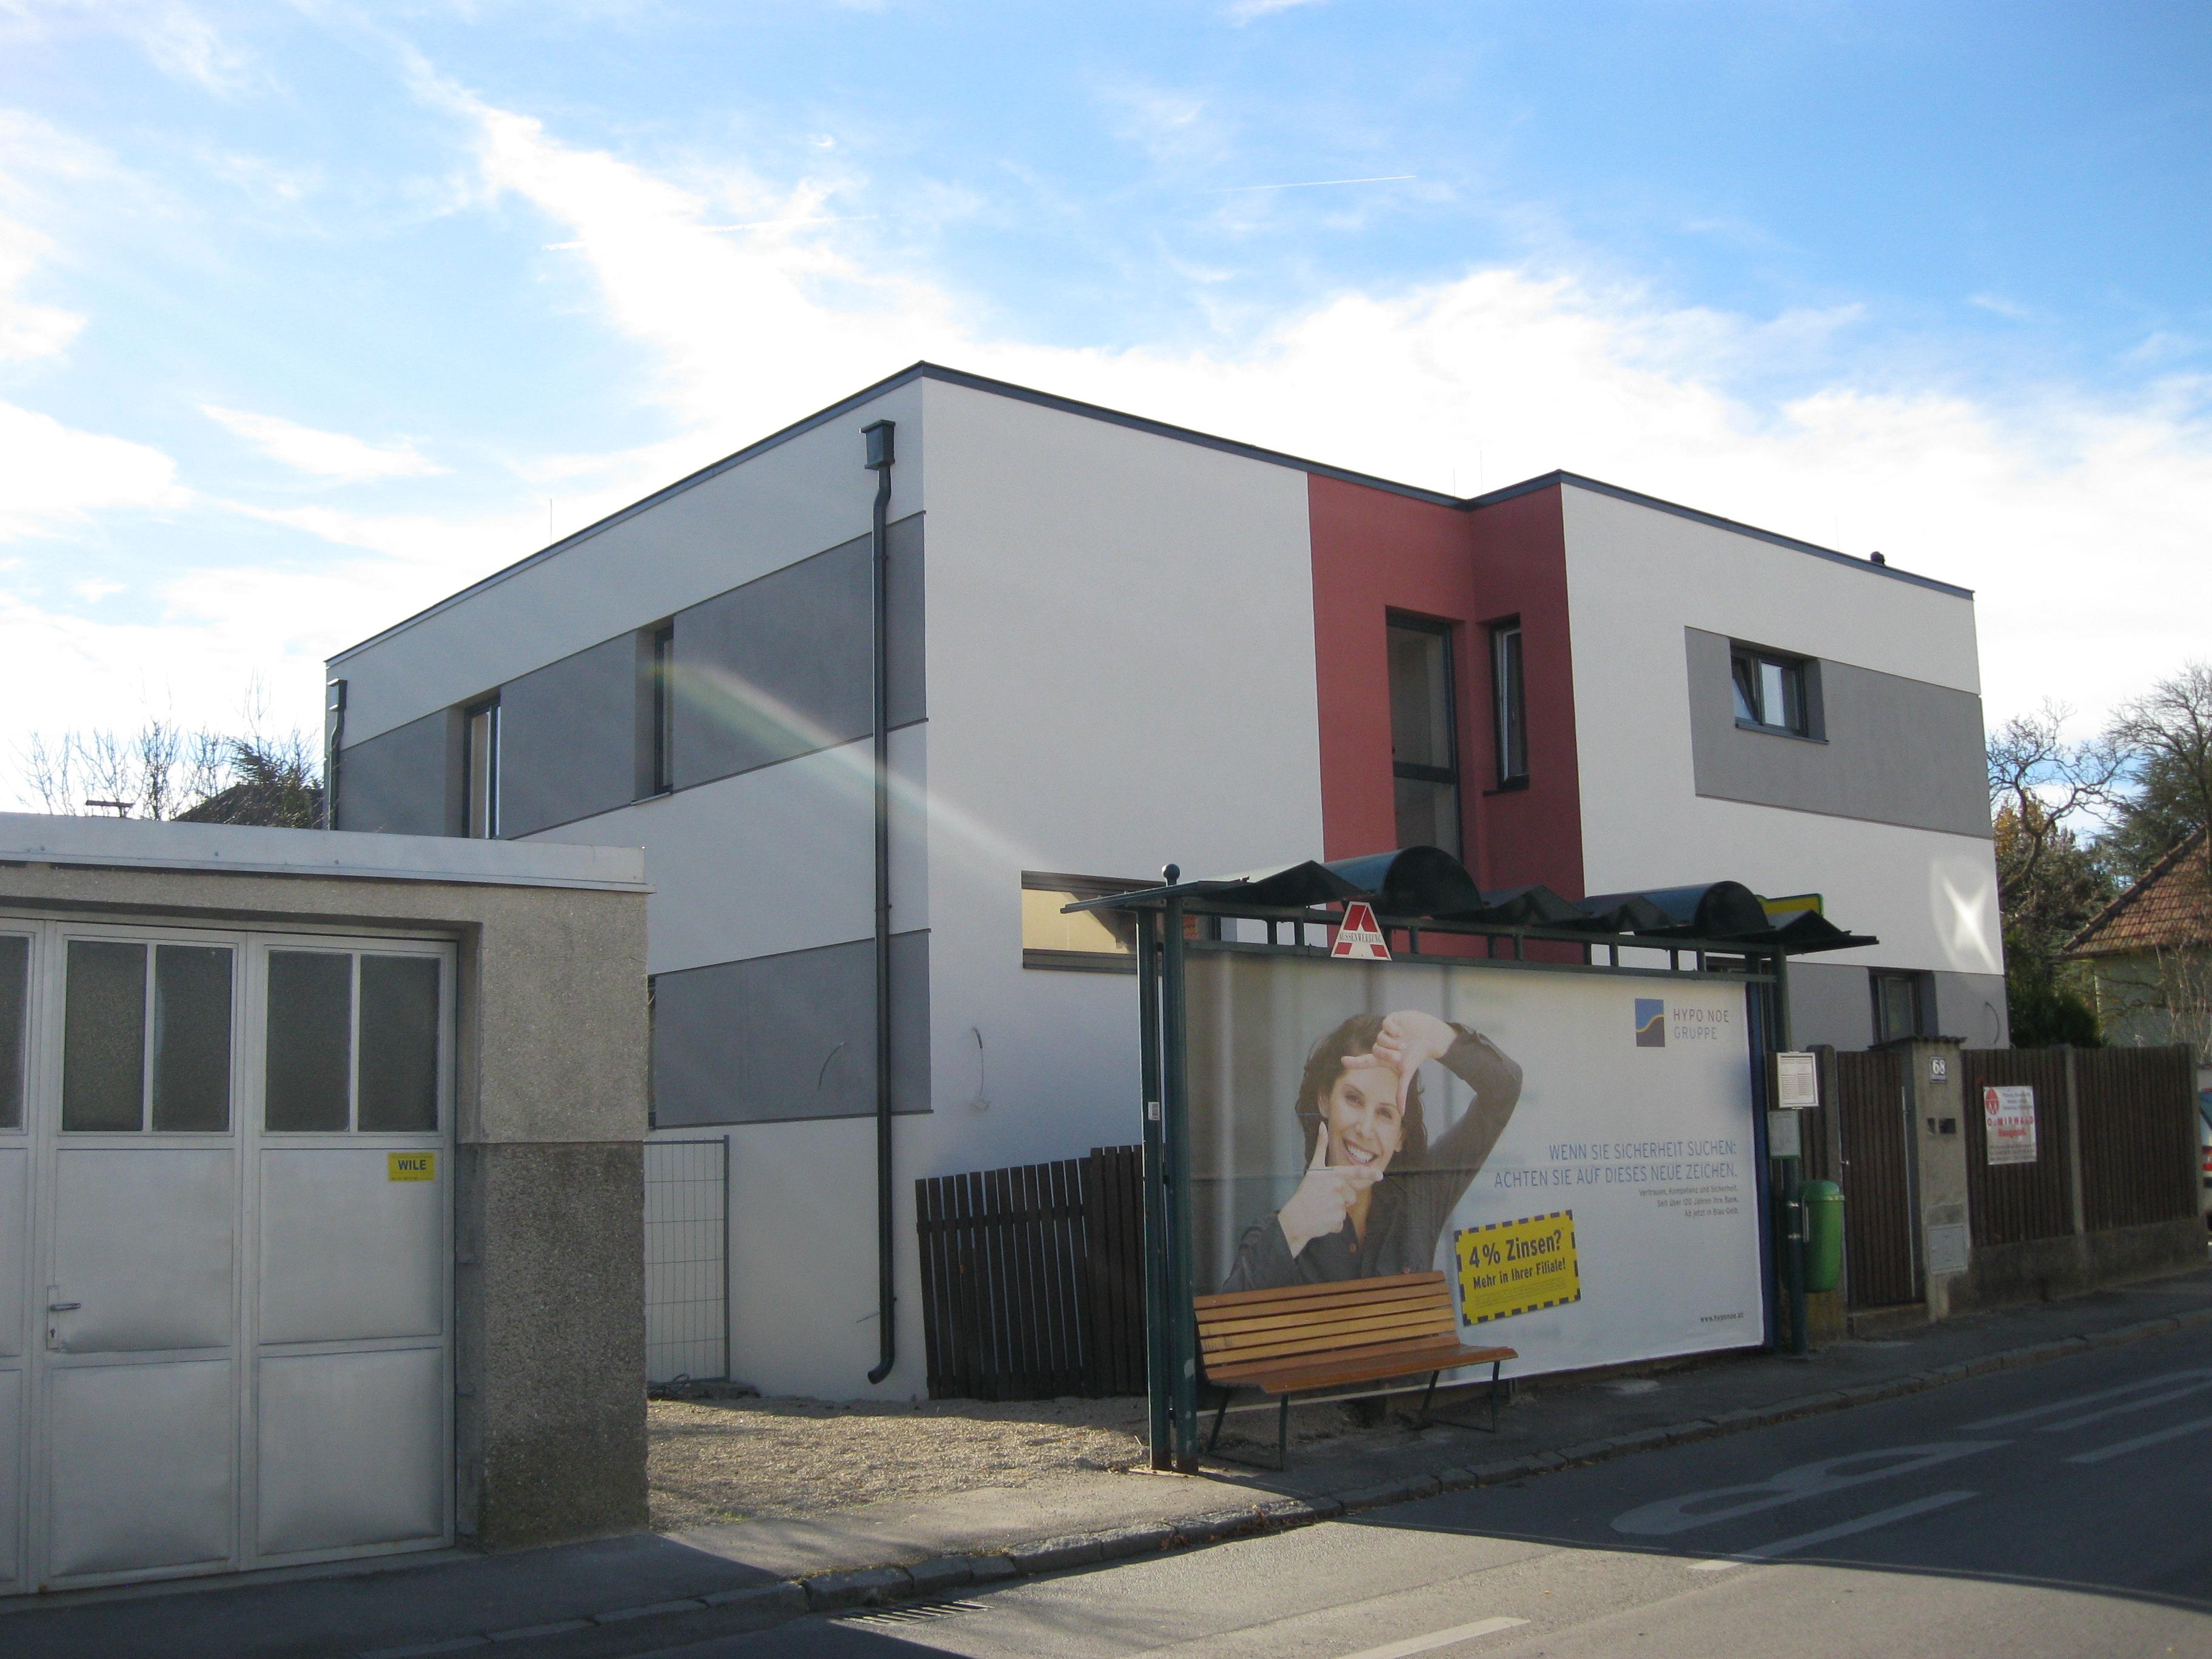 innenarchitekt Österreich ausbildung – goresoerd, Innenarchitektur ideen